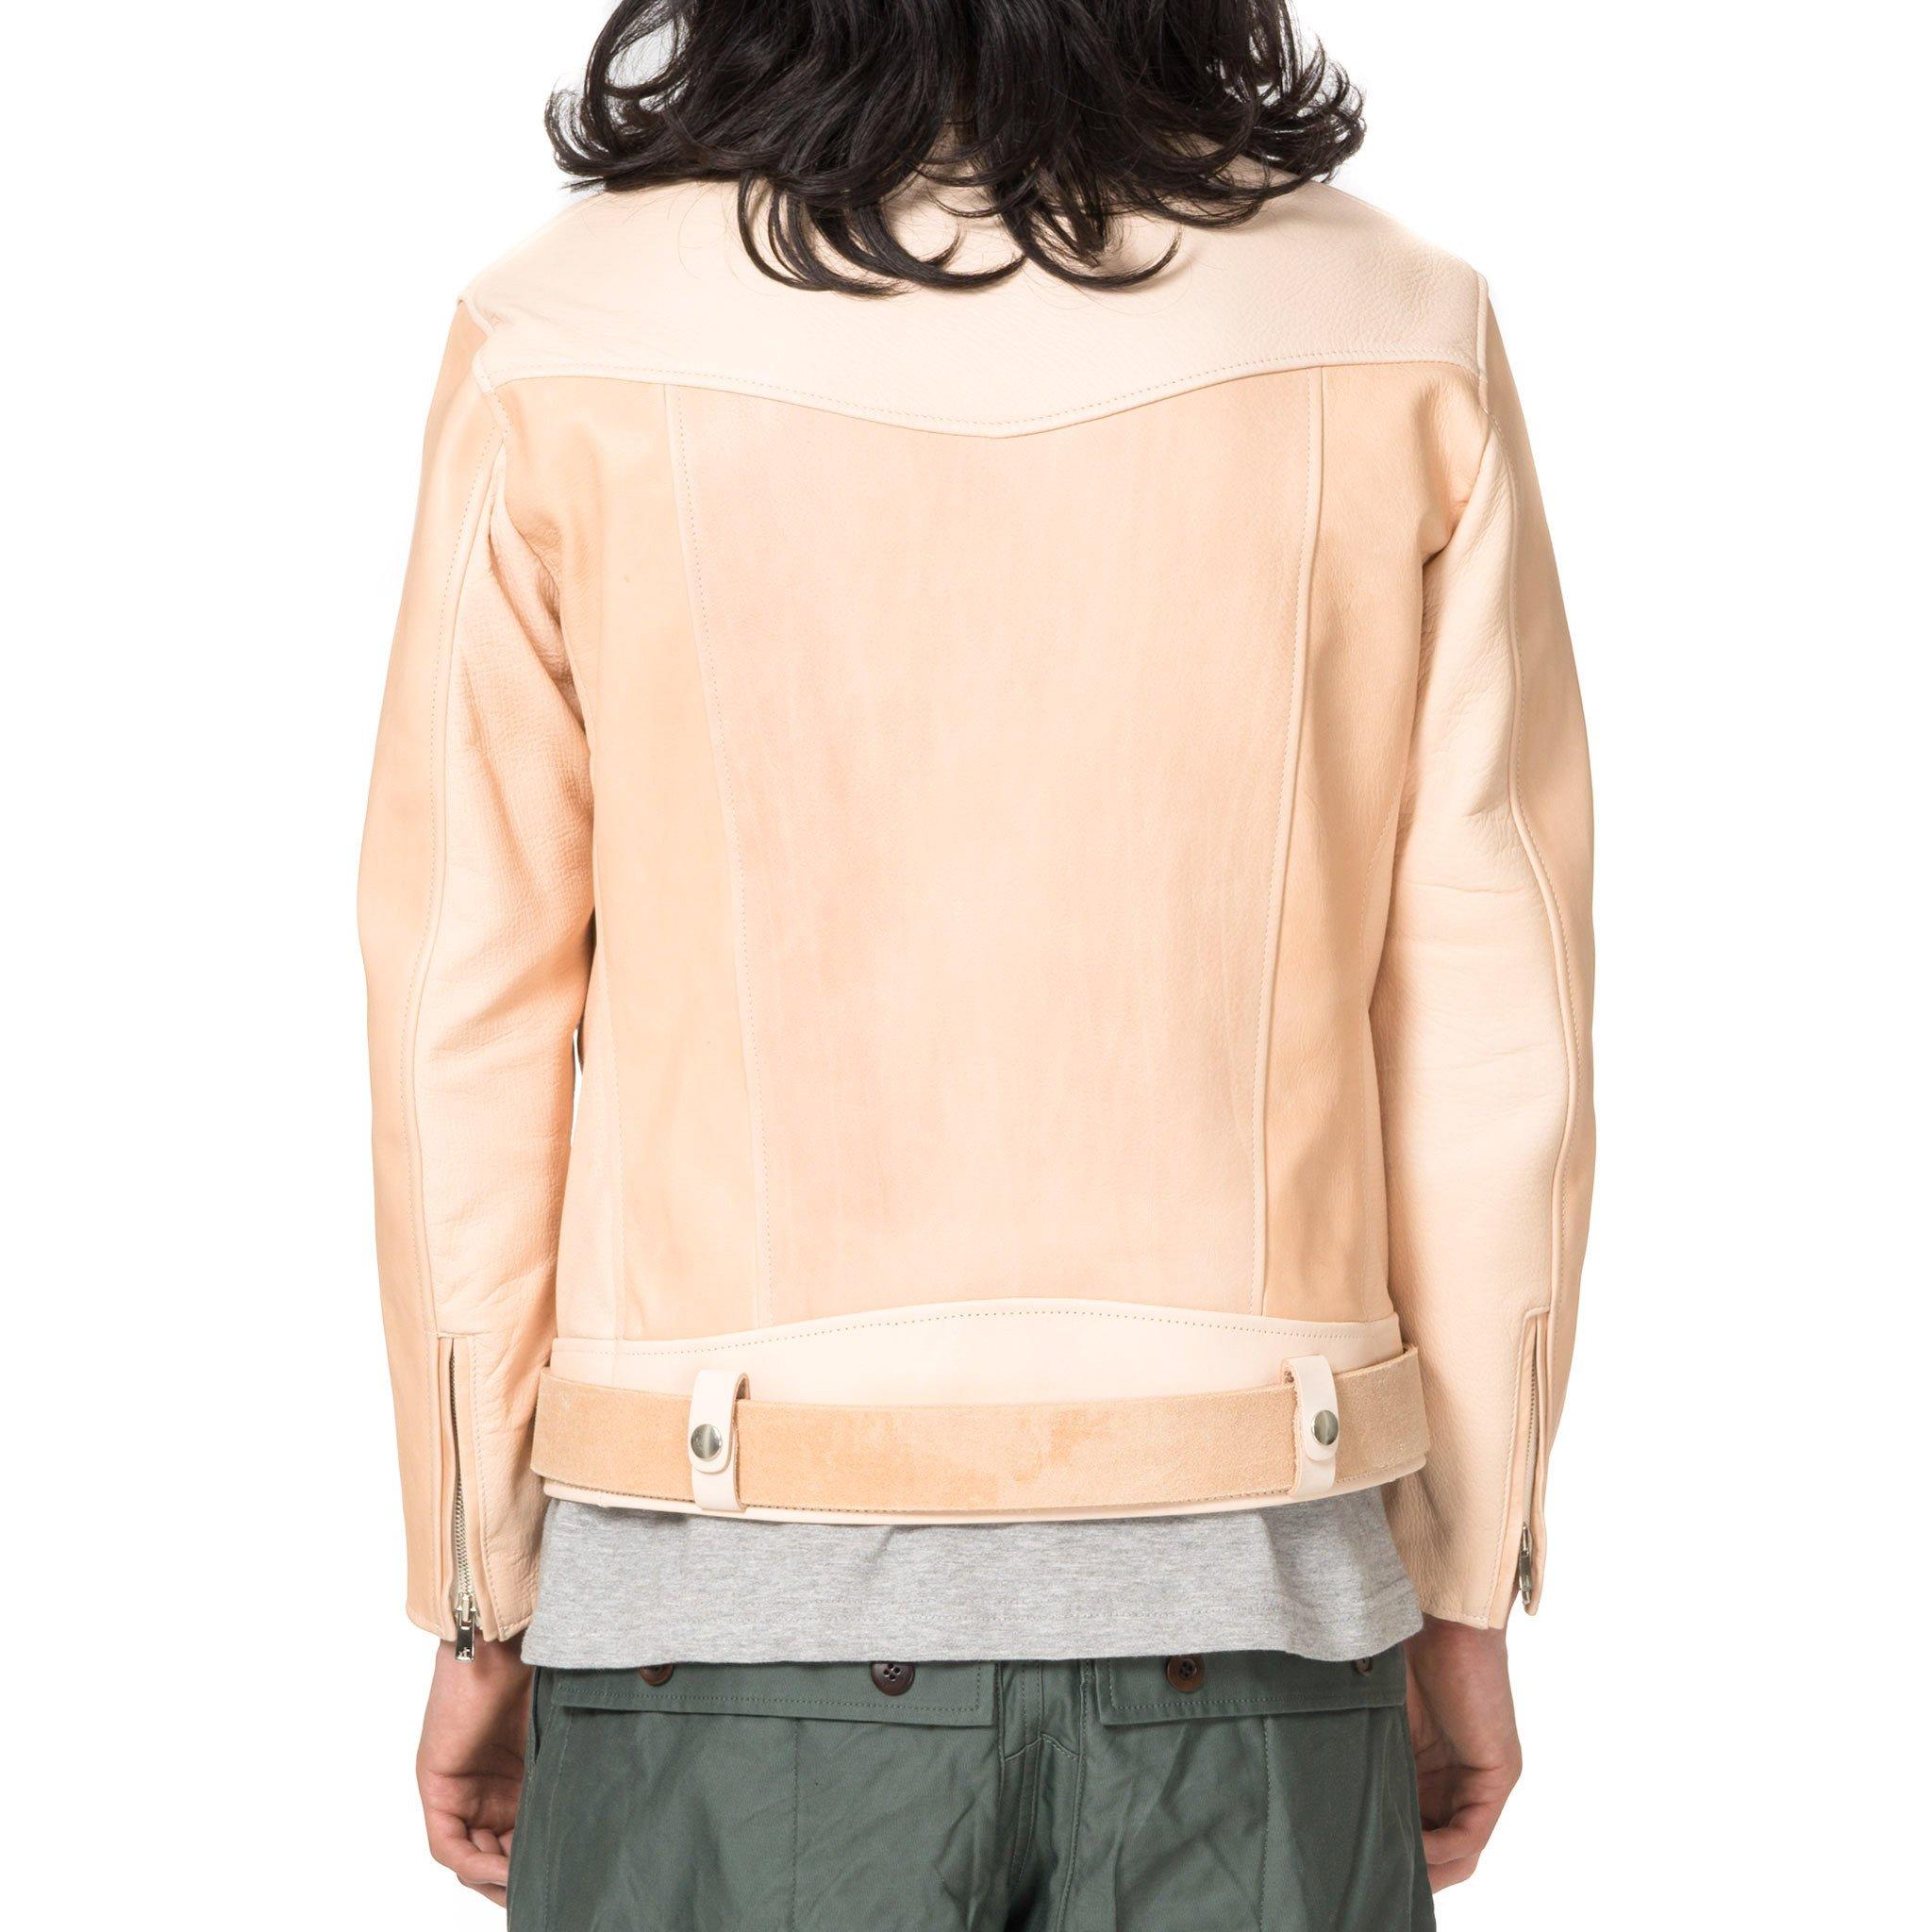 Hender-Scheme-Leather-Jacket-NATURAL-6_2048x2048